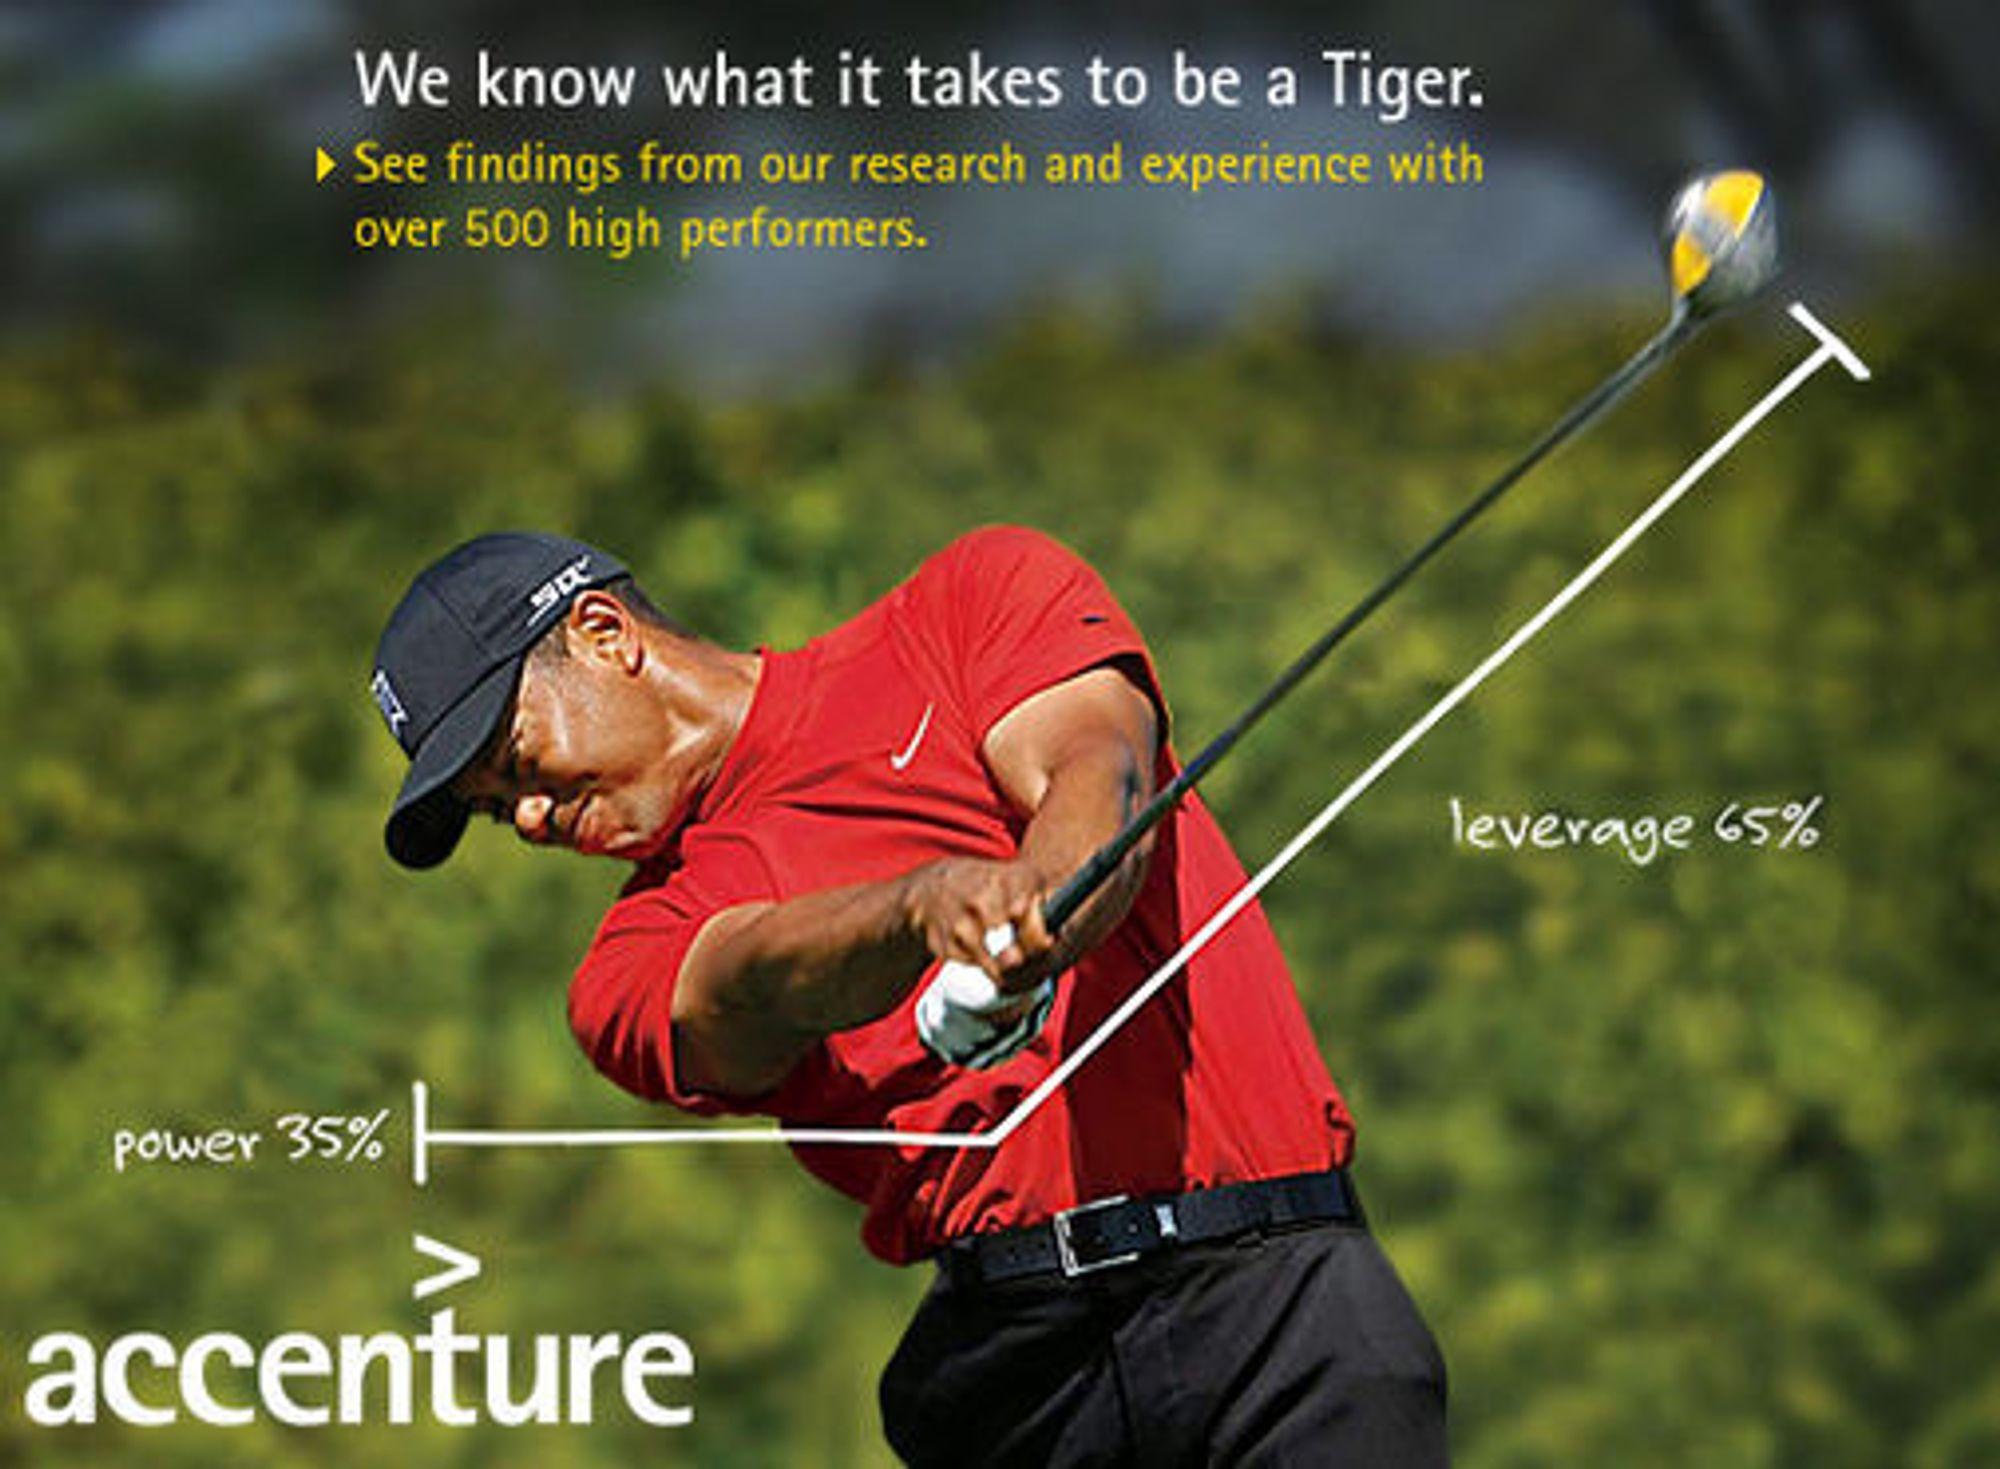 Tigeren viste seg å være mer enn bare golf. Reklame som dette er det følgelig slutt på.